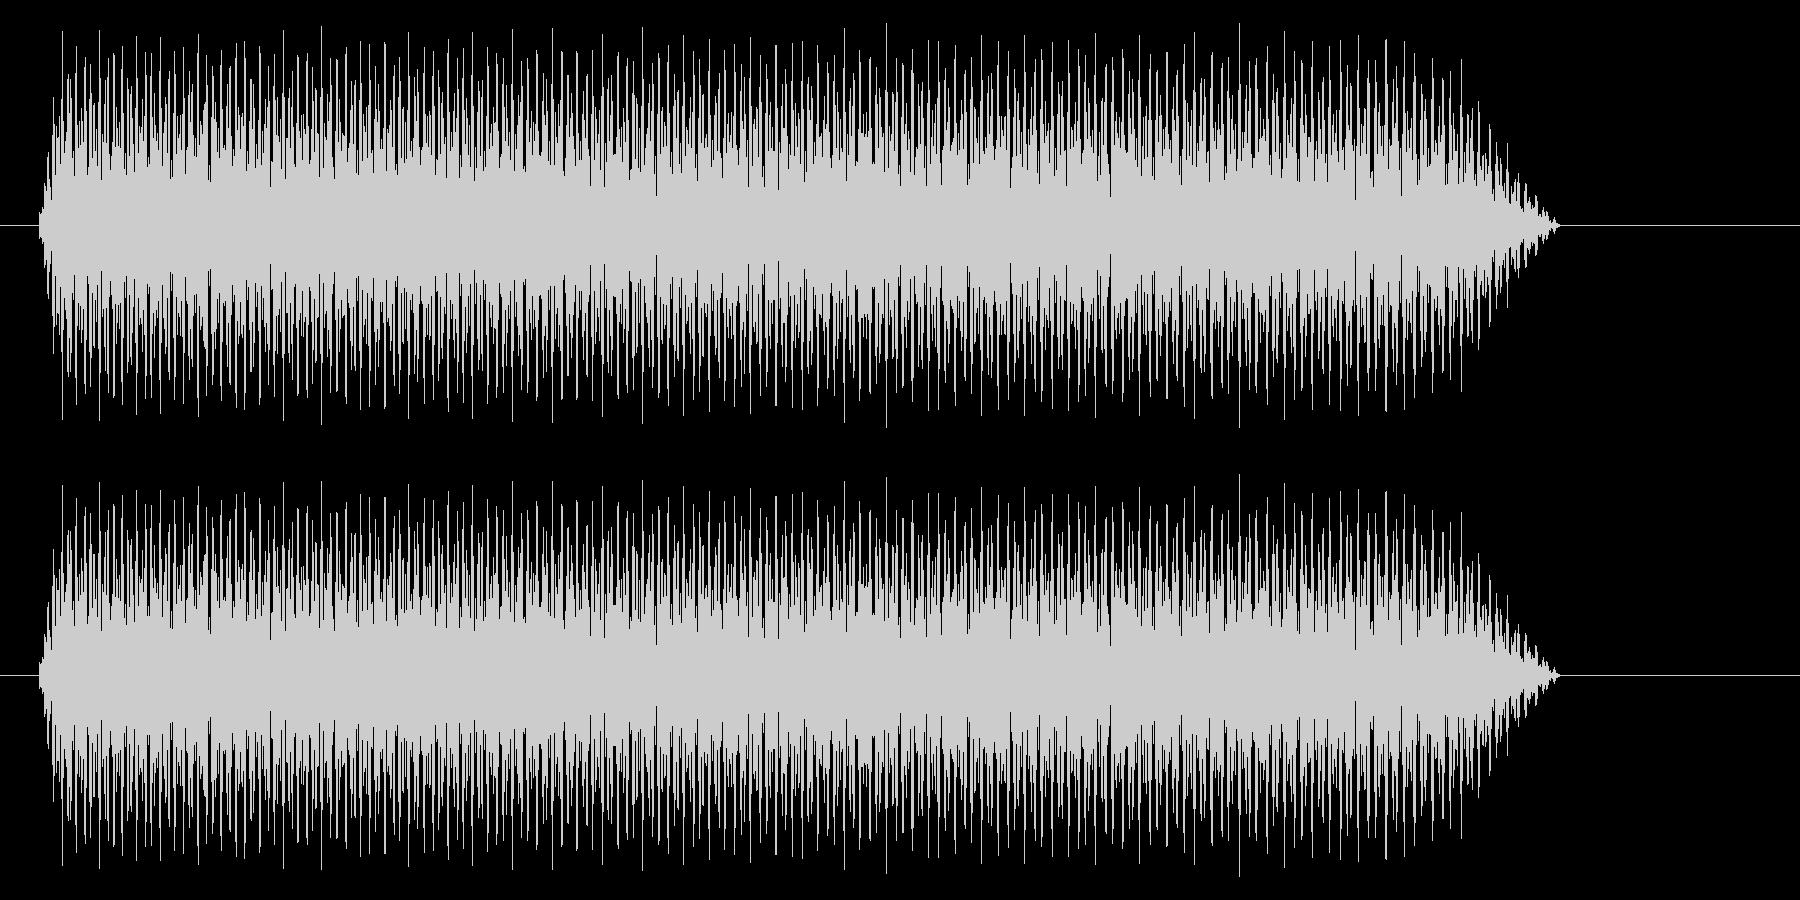 ビューン【飛ぶ、落ちる】の未再生の波形